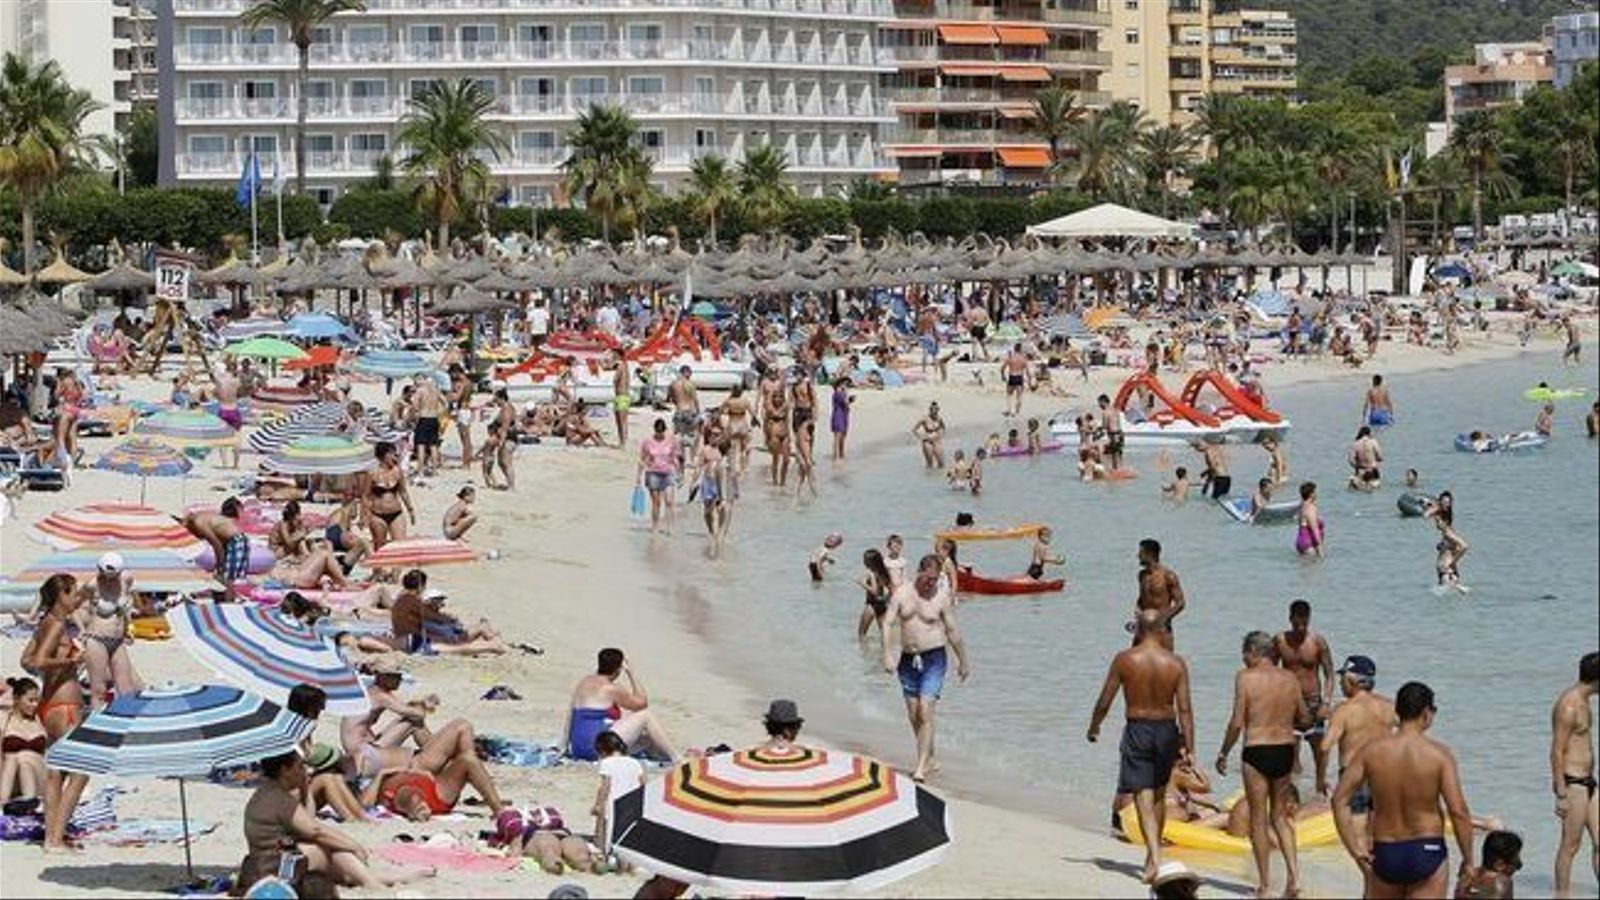 La pèrdua de rendibilitat del sector turístic obliga a fer reformes estructurals, segons Gadeso